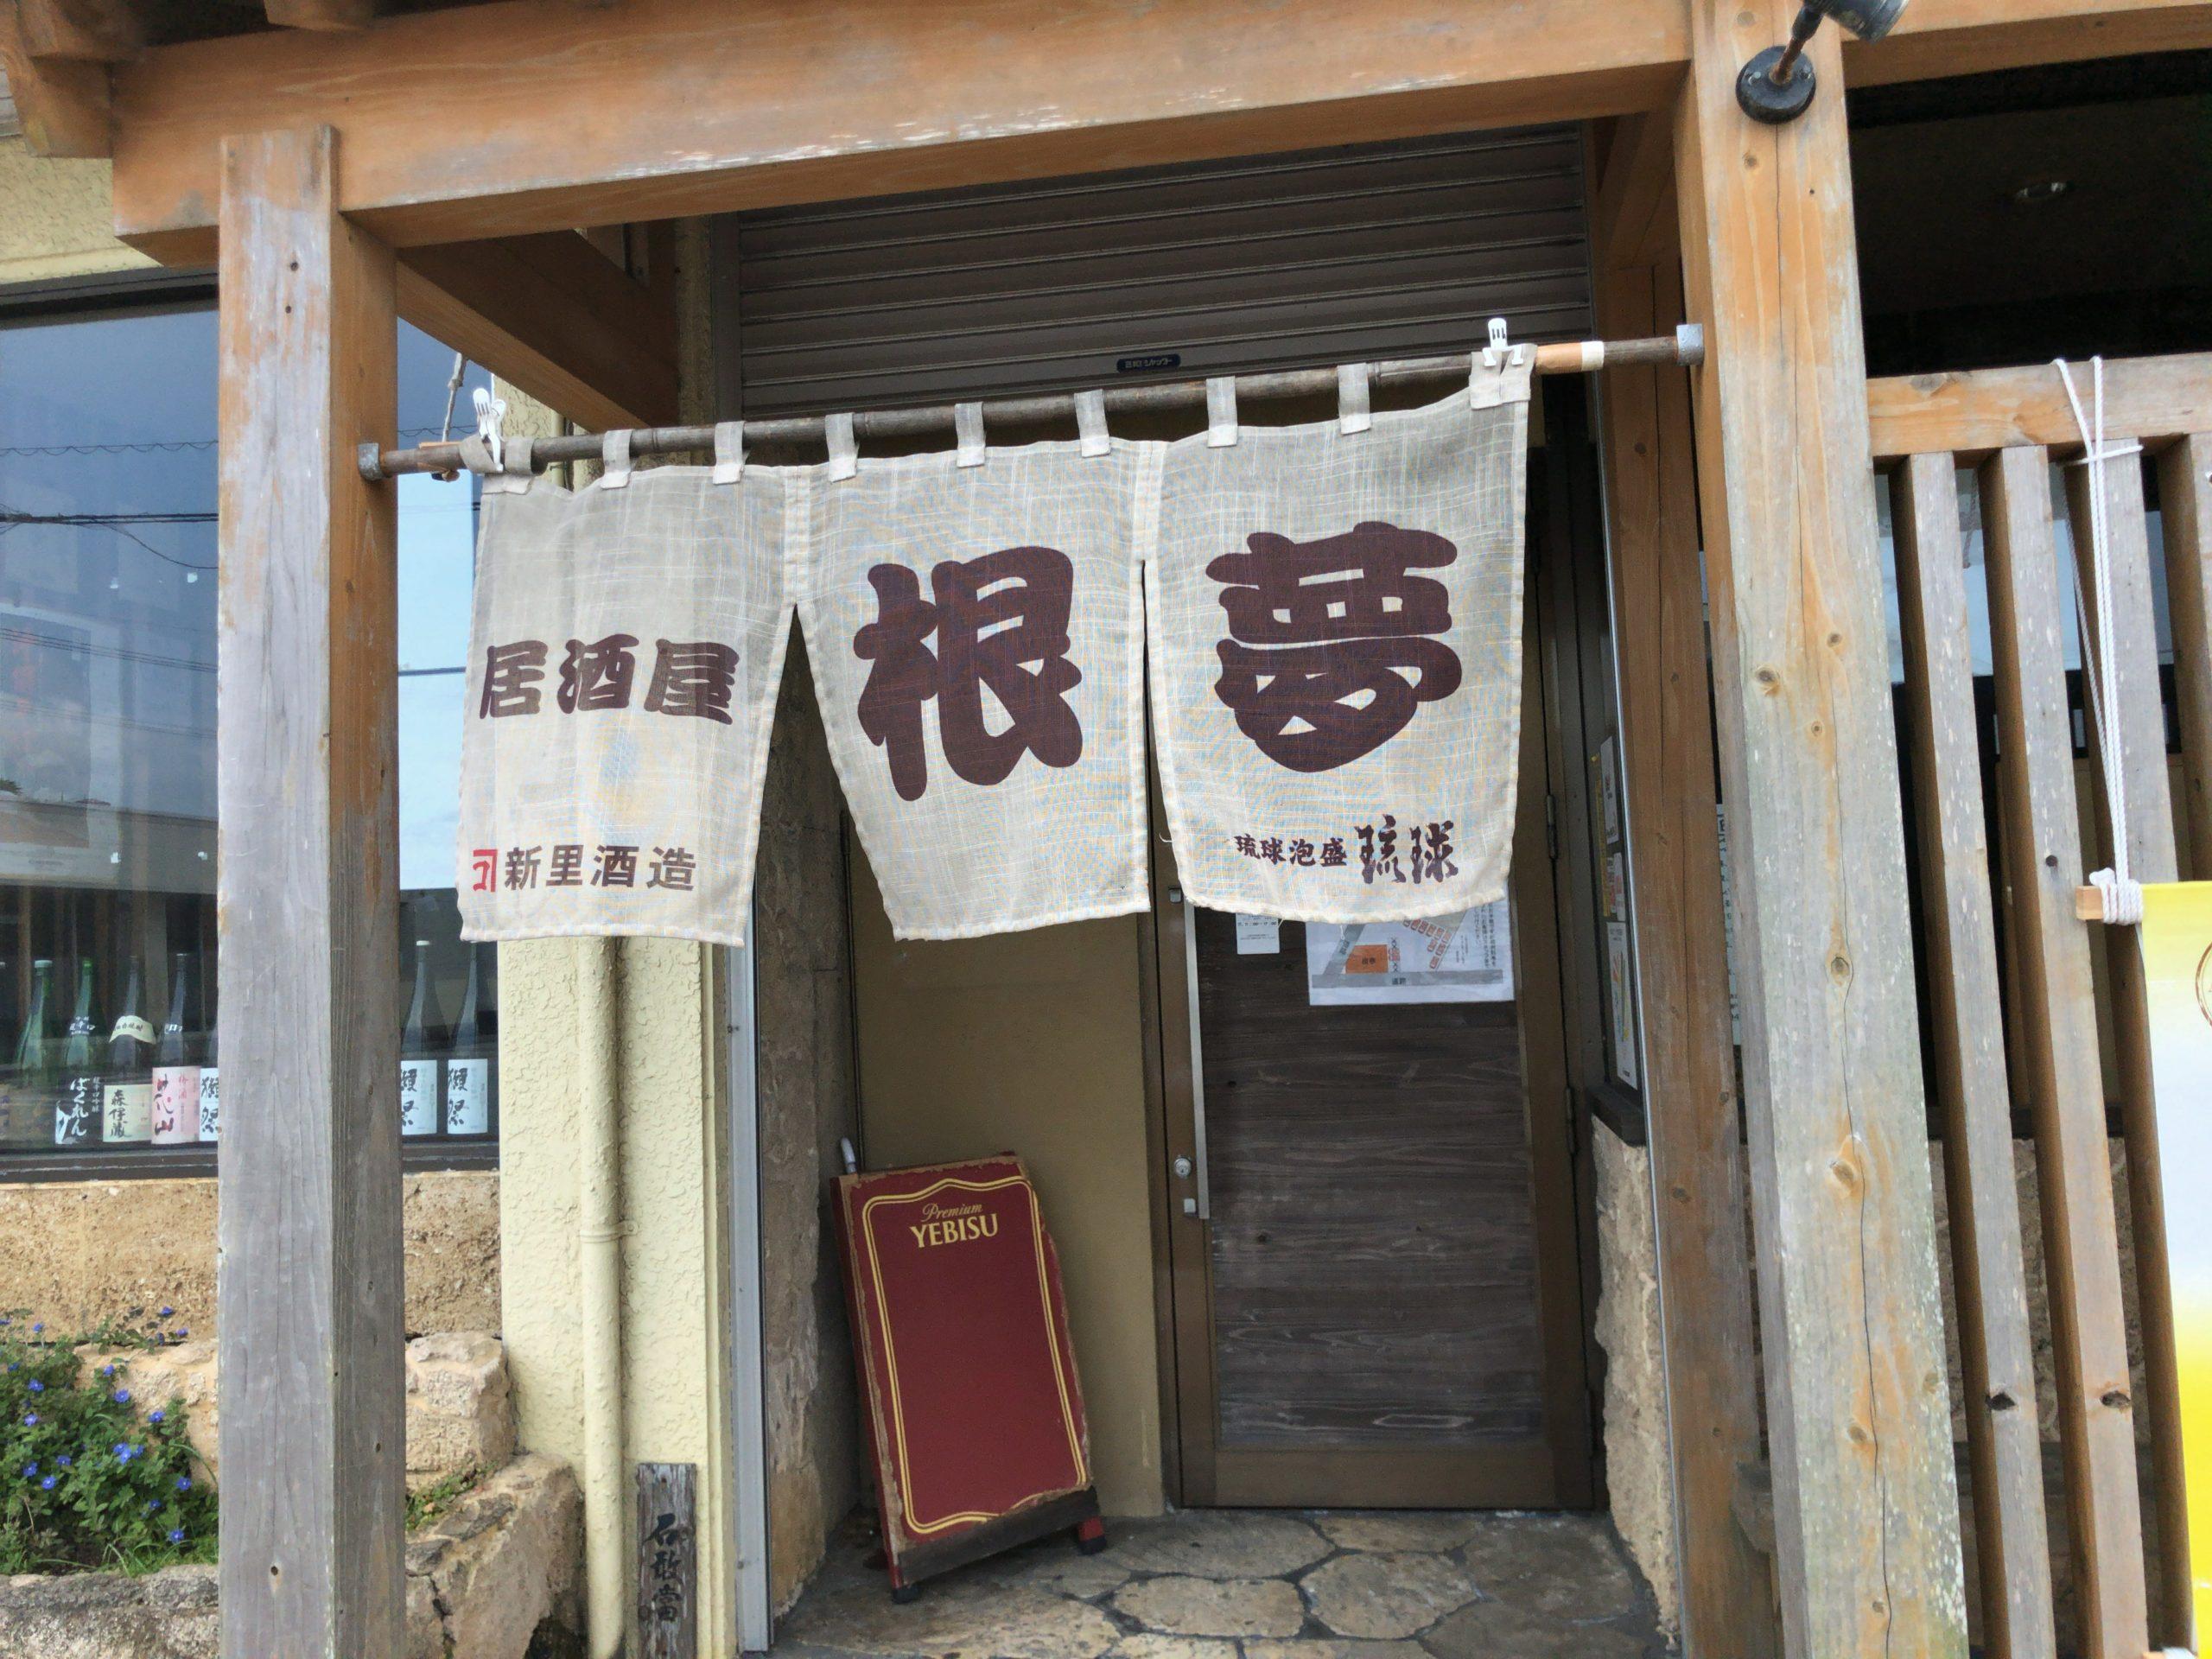 沖縄市『根夢(ごん)』第三回沖縄そば王